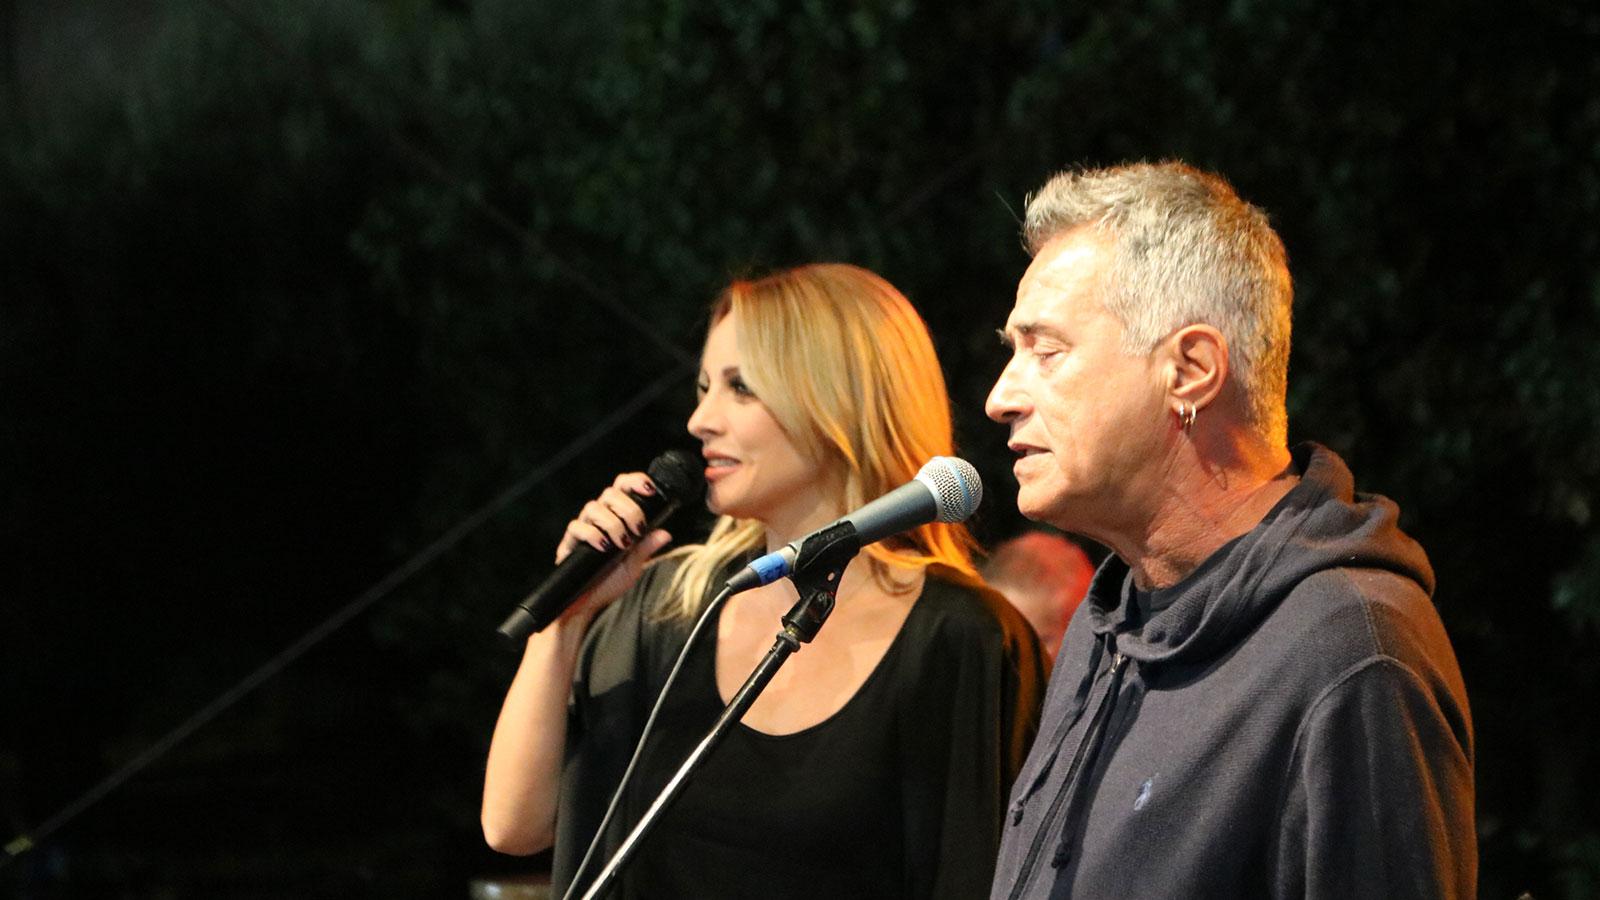 47ο φεστιβάλ ΚΝΕ Οδηγητή 3η μέρα Μελωδικό ταξίδι σε τραγούδια του Δημήτρη Χριστοδούλου Θαλασσινός